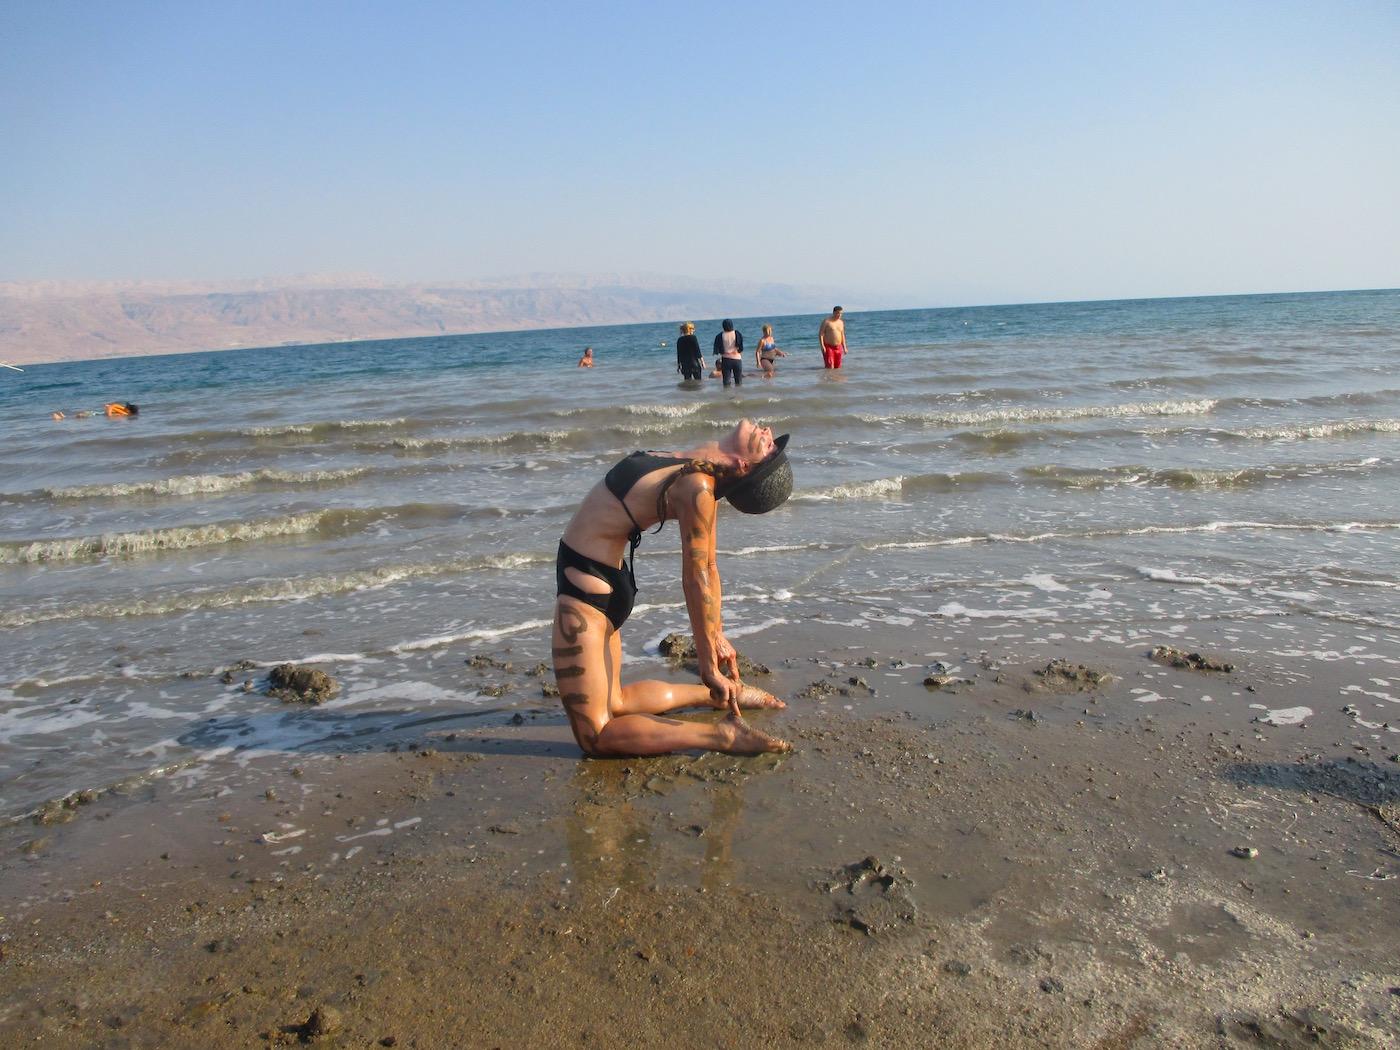 ISRAEL-Dead Sea.jpg